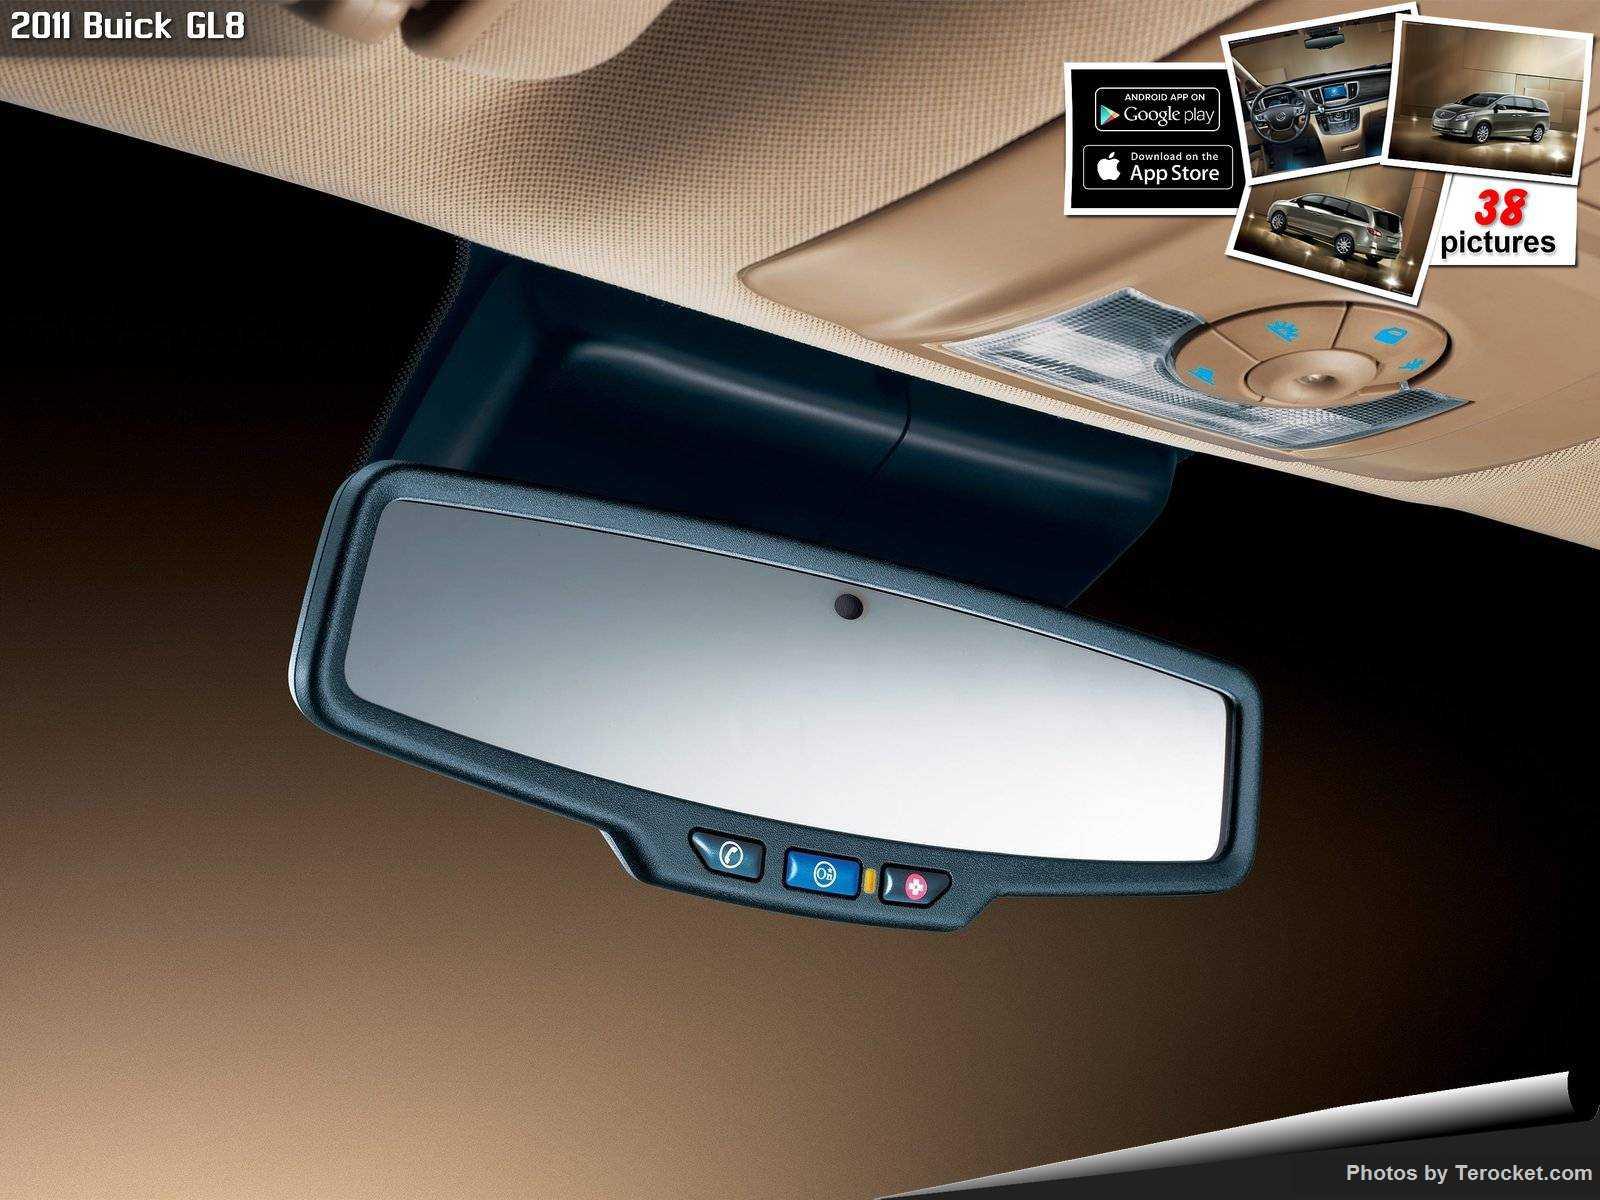 Hình ảnh xe ô tô Buick GL8 2011 & nội ngoại thất